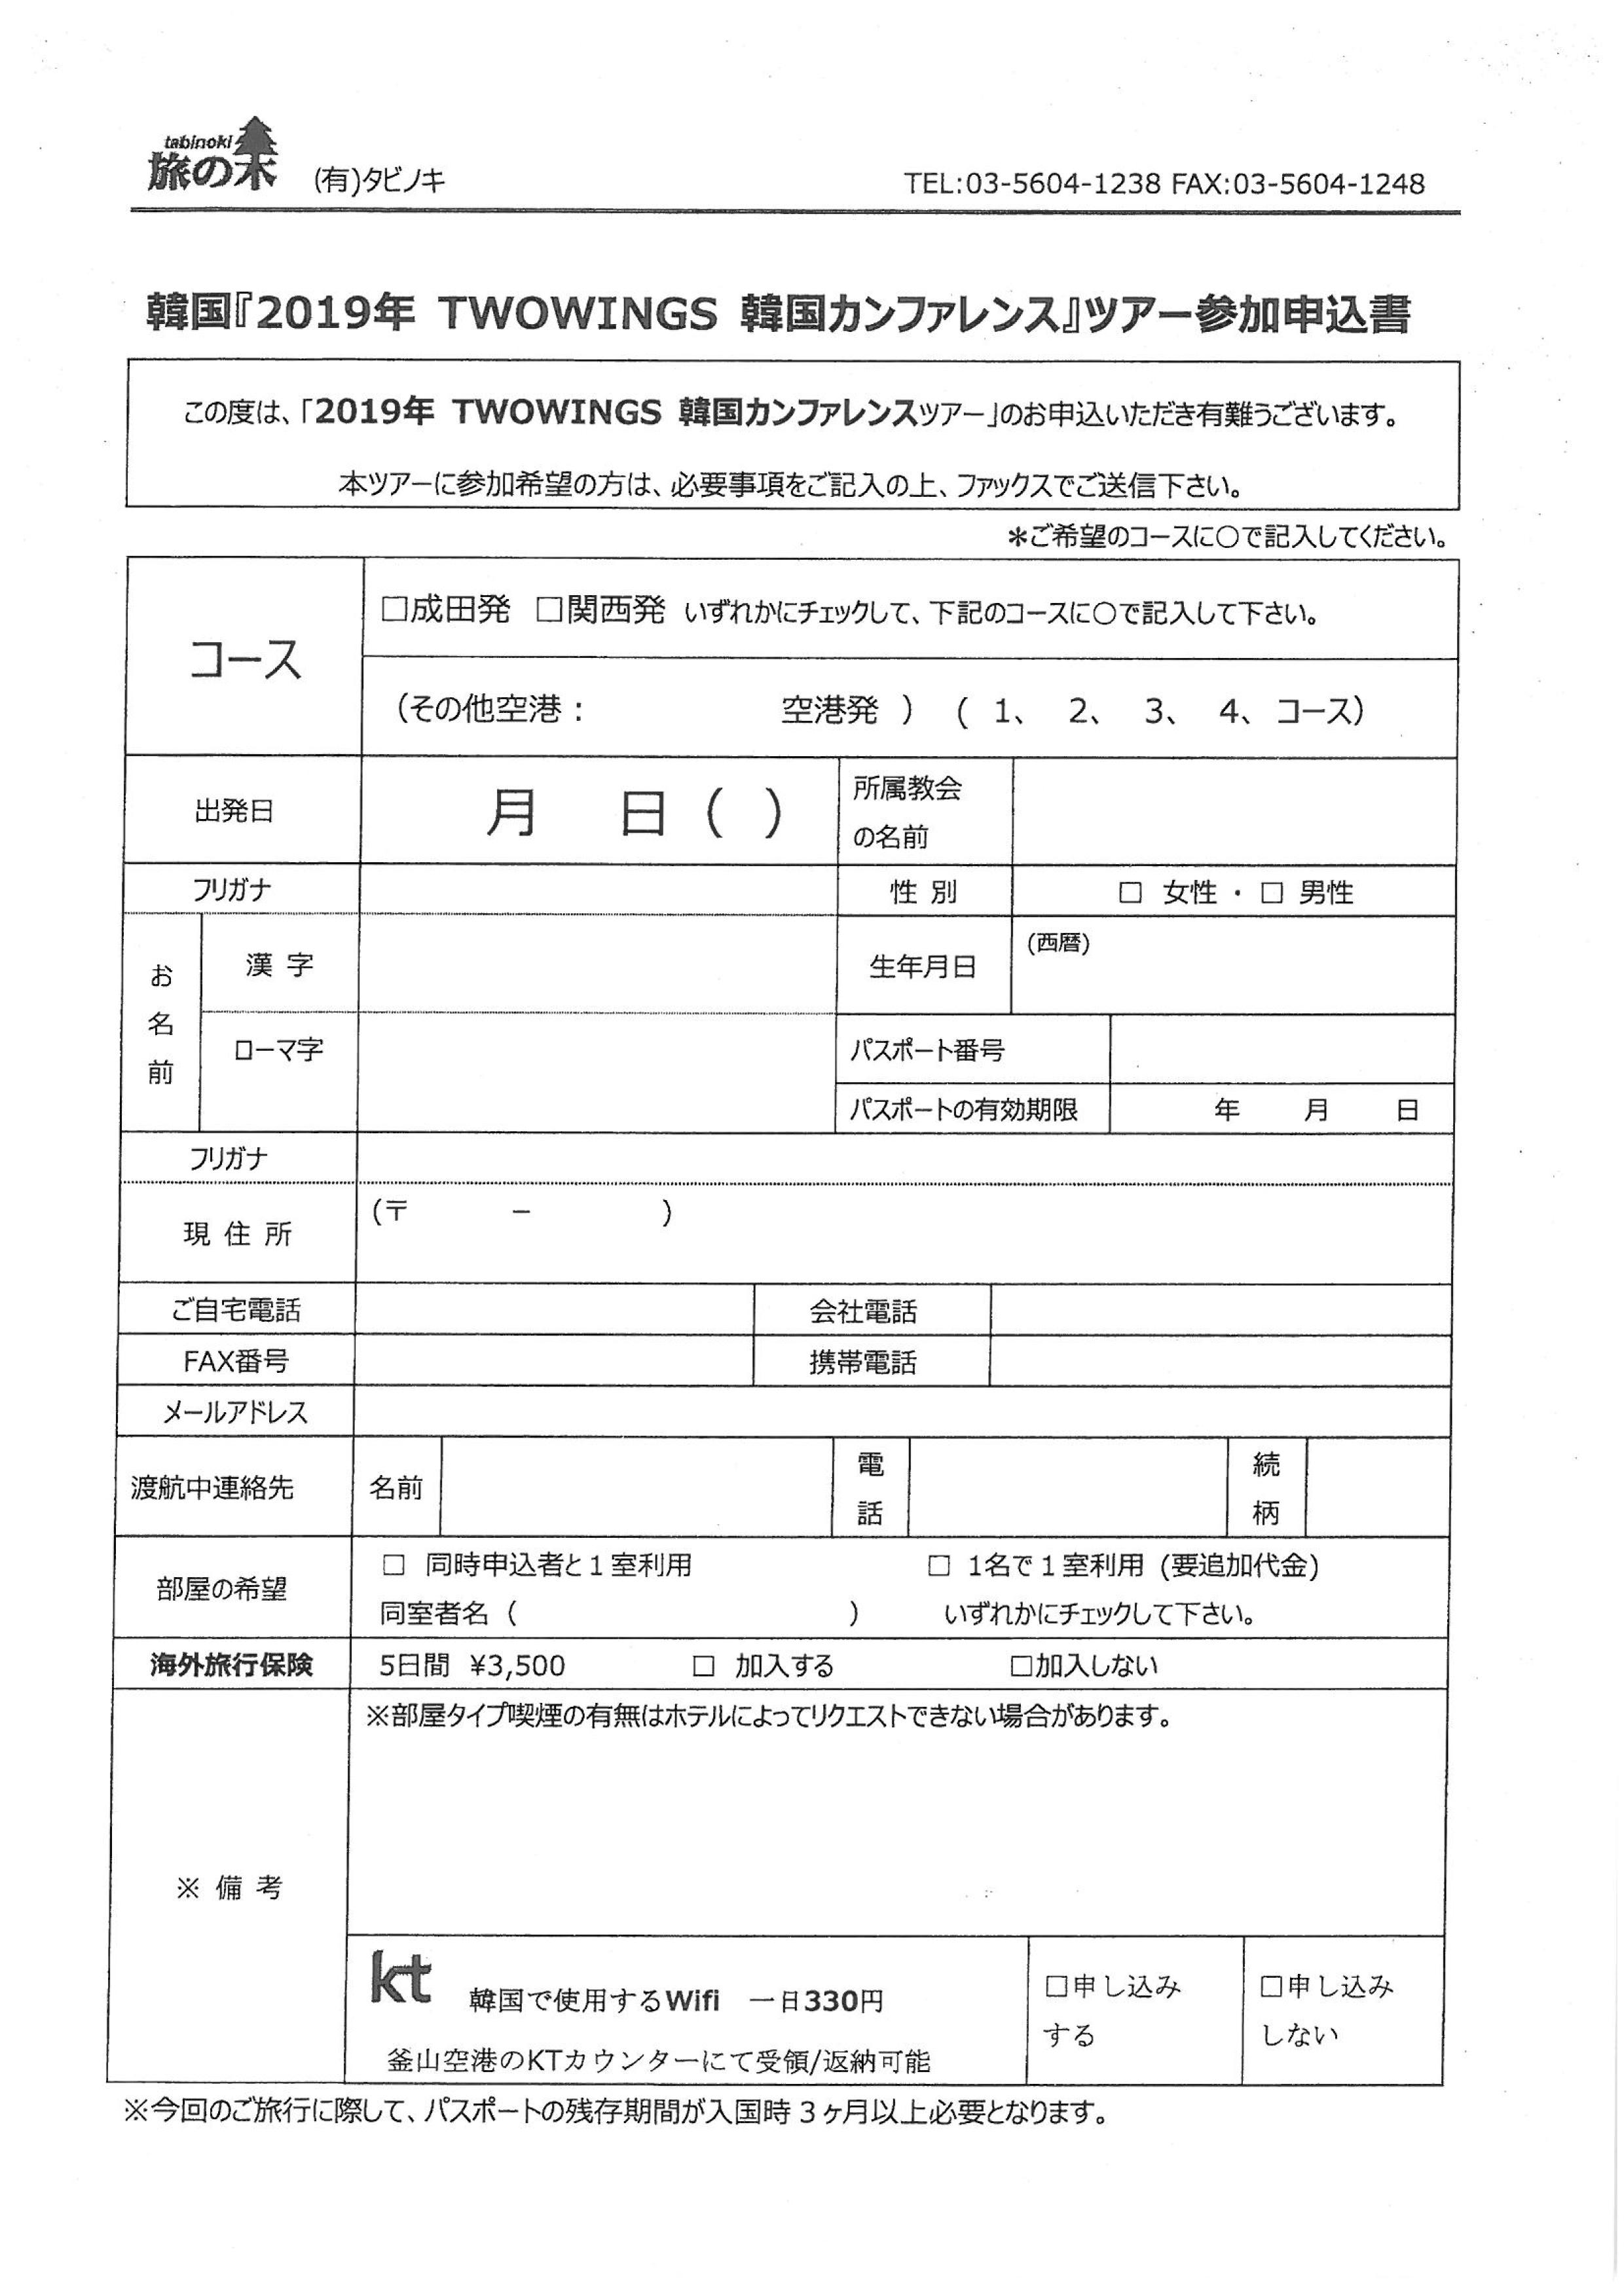 181121-컨-일본등록자료2